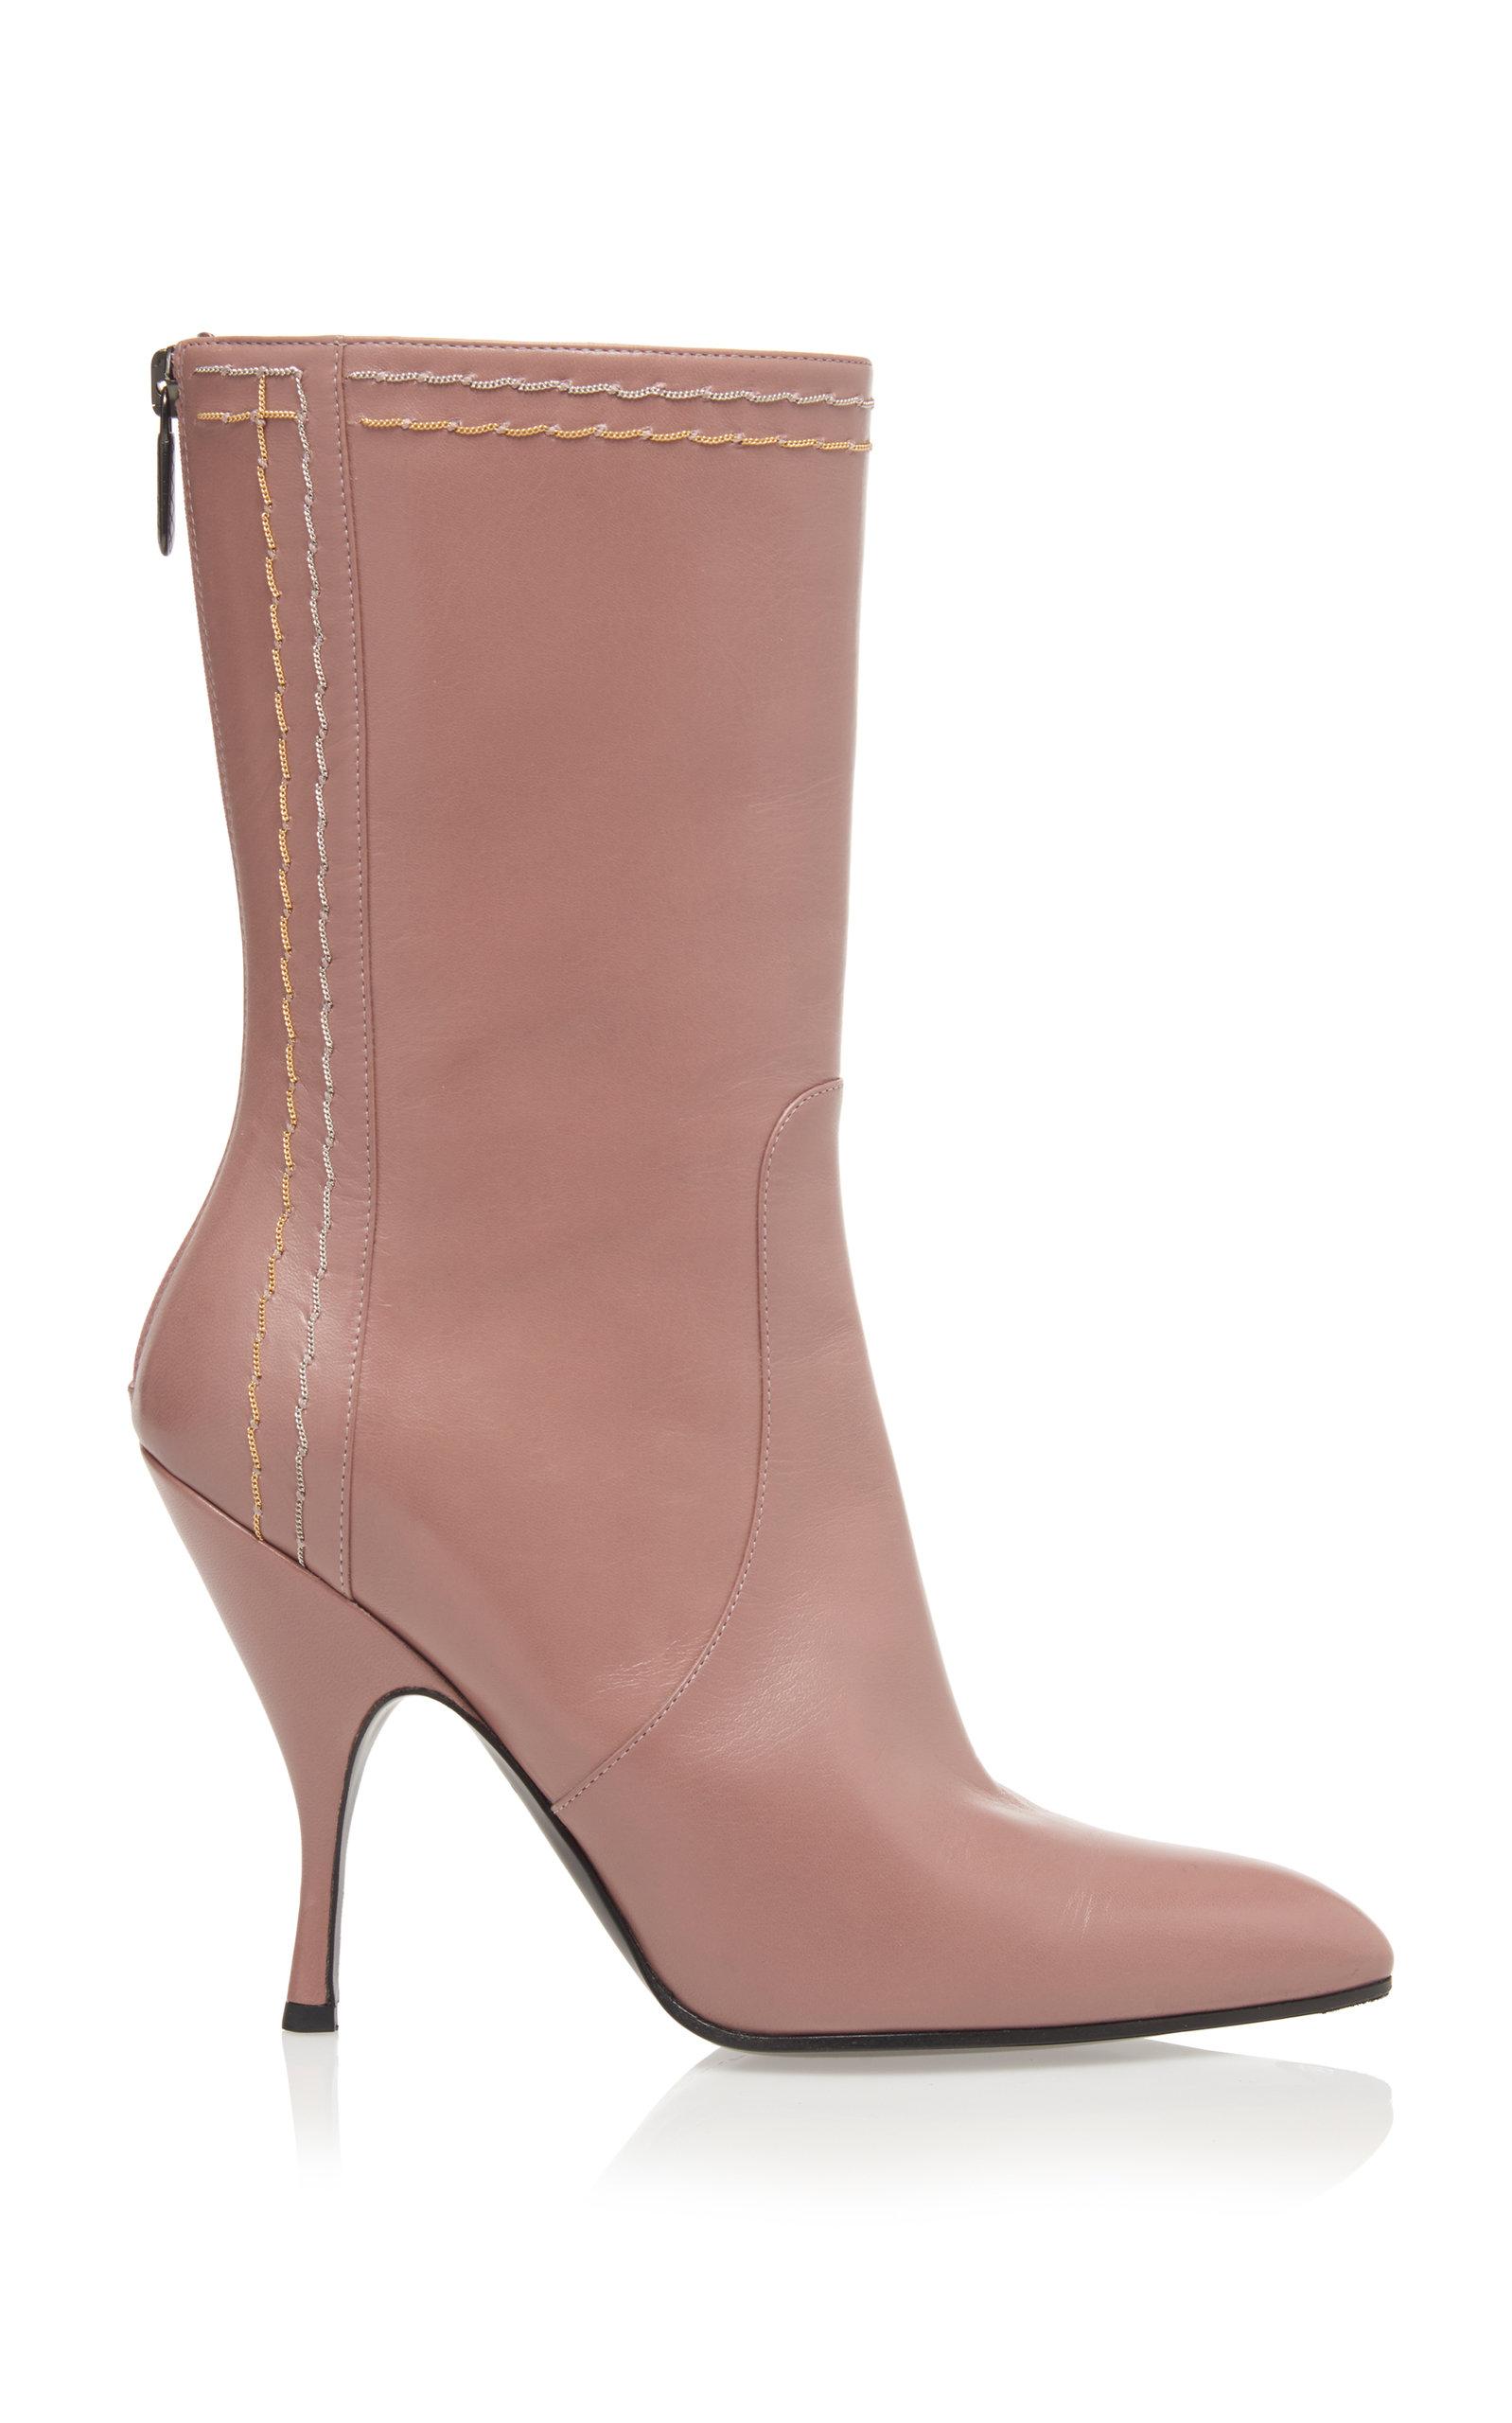 Stitch High Heel Bootie, Pink